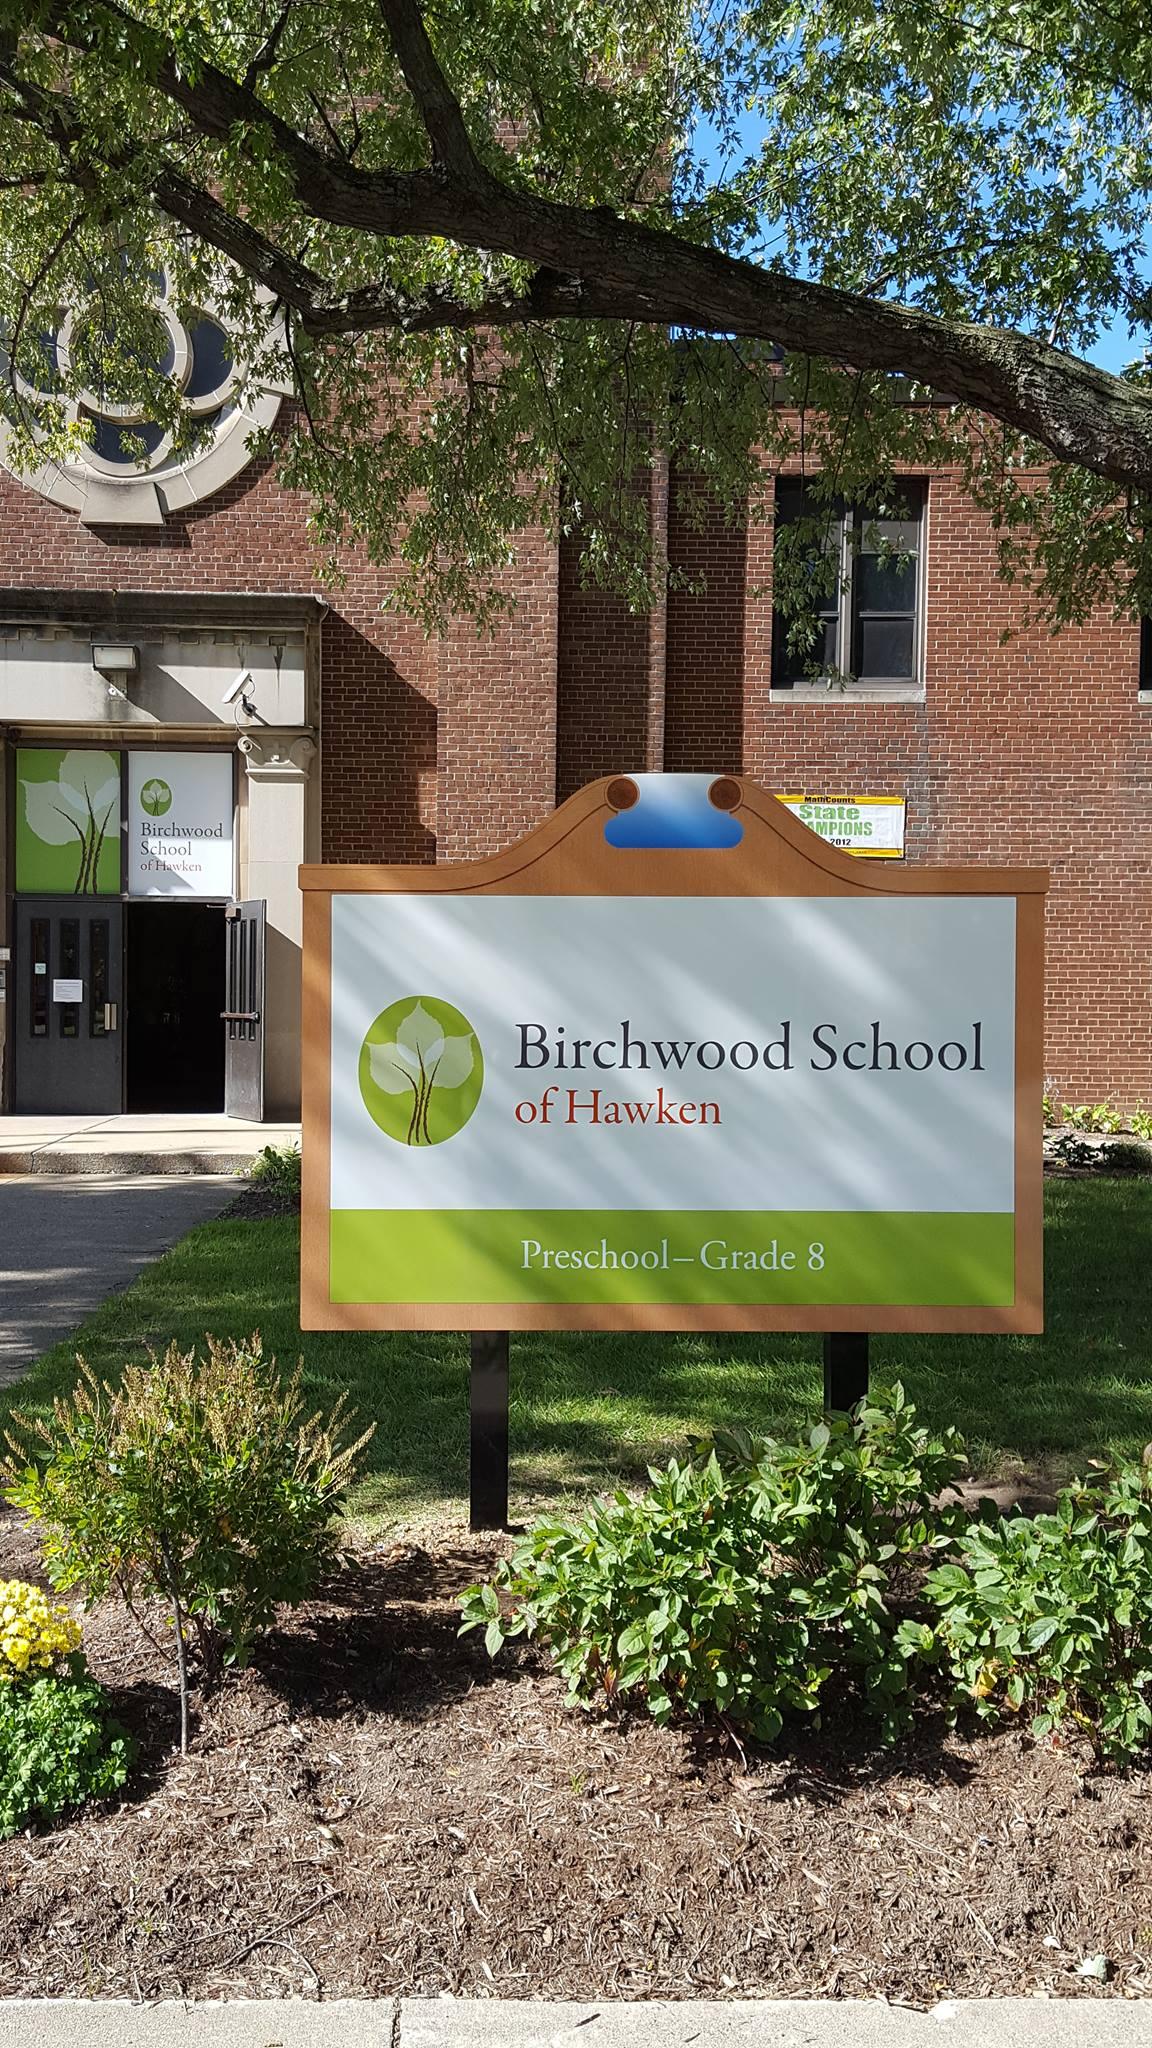 Birchwood School of Hawken